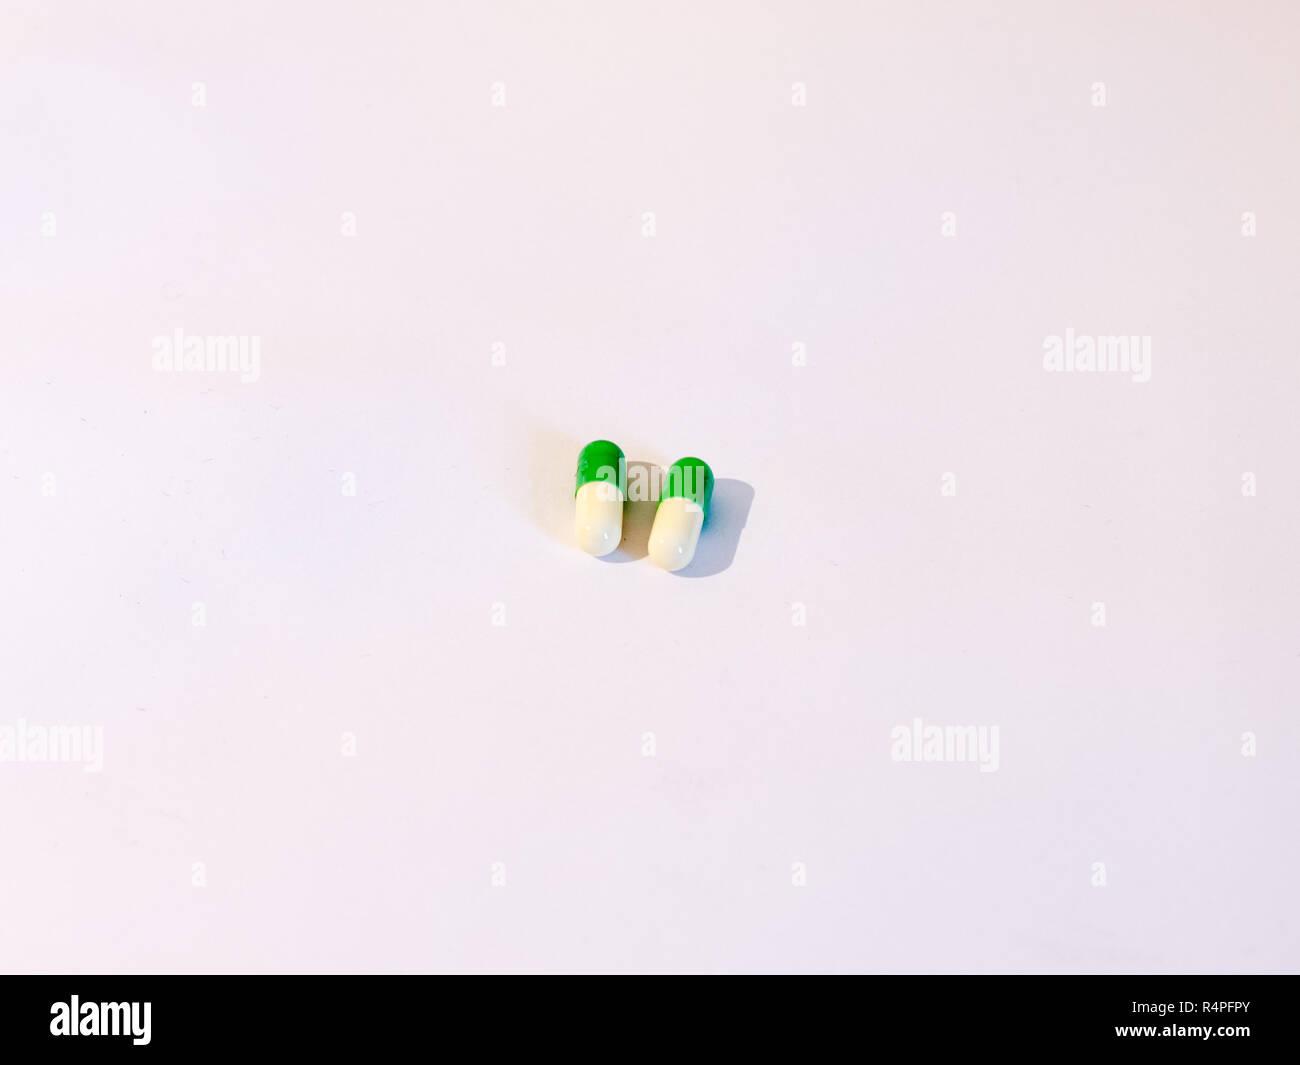 Due Fondamentali Le Pillole Generiche Su Uno Sfondo Bianco Bianco E